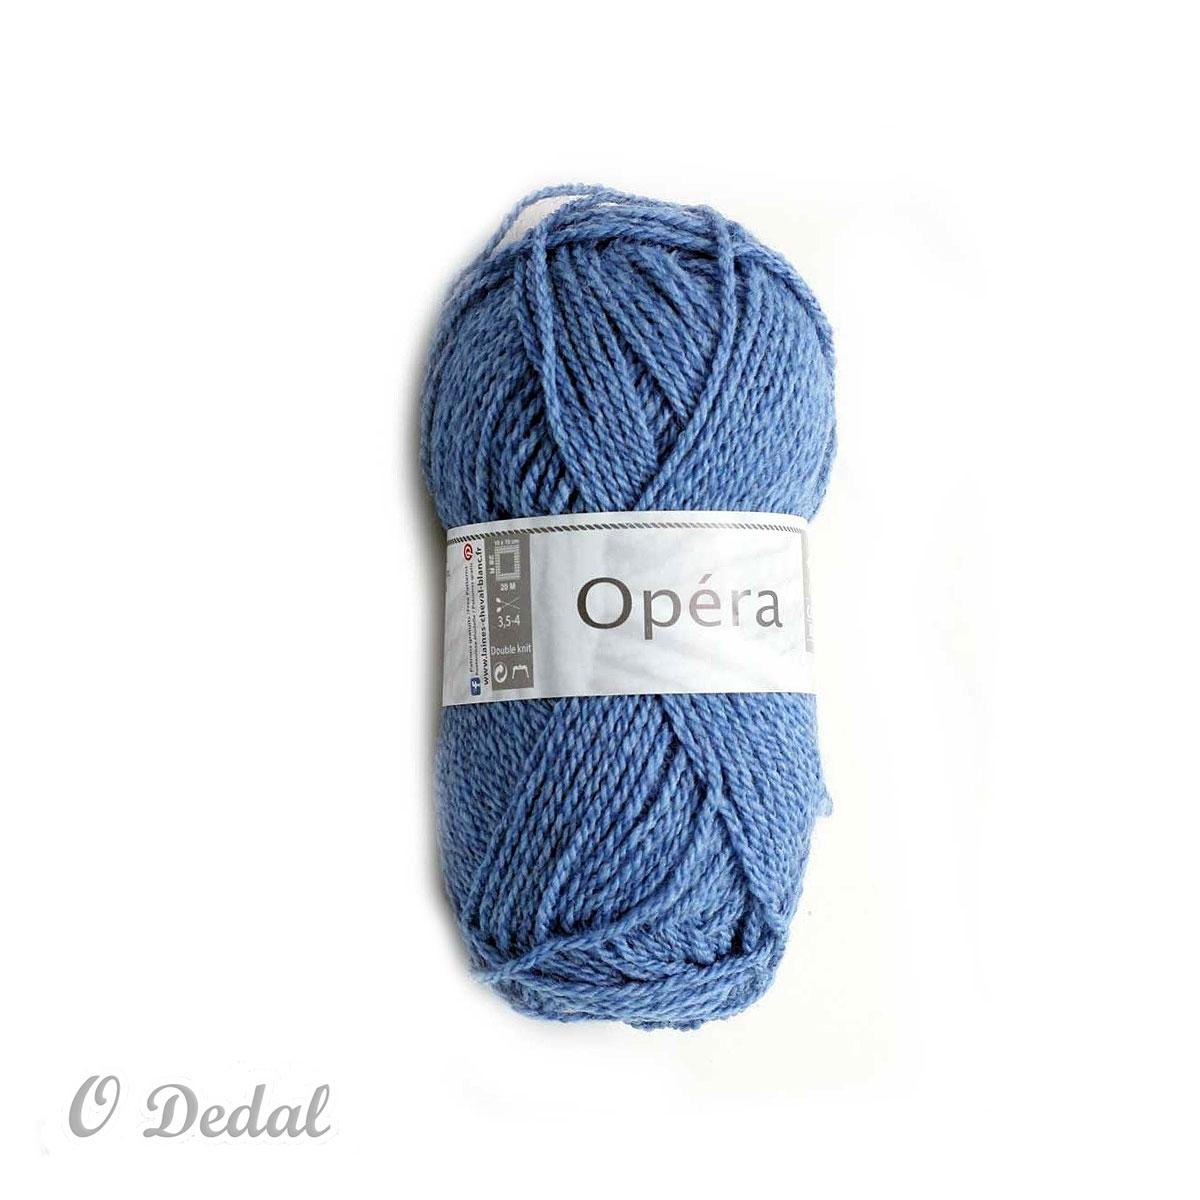 Lã Opéra - 407